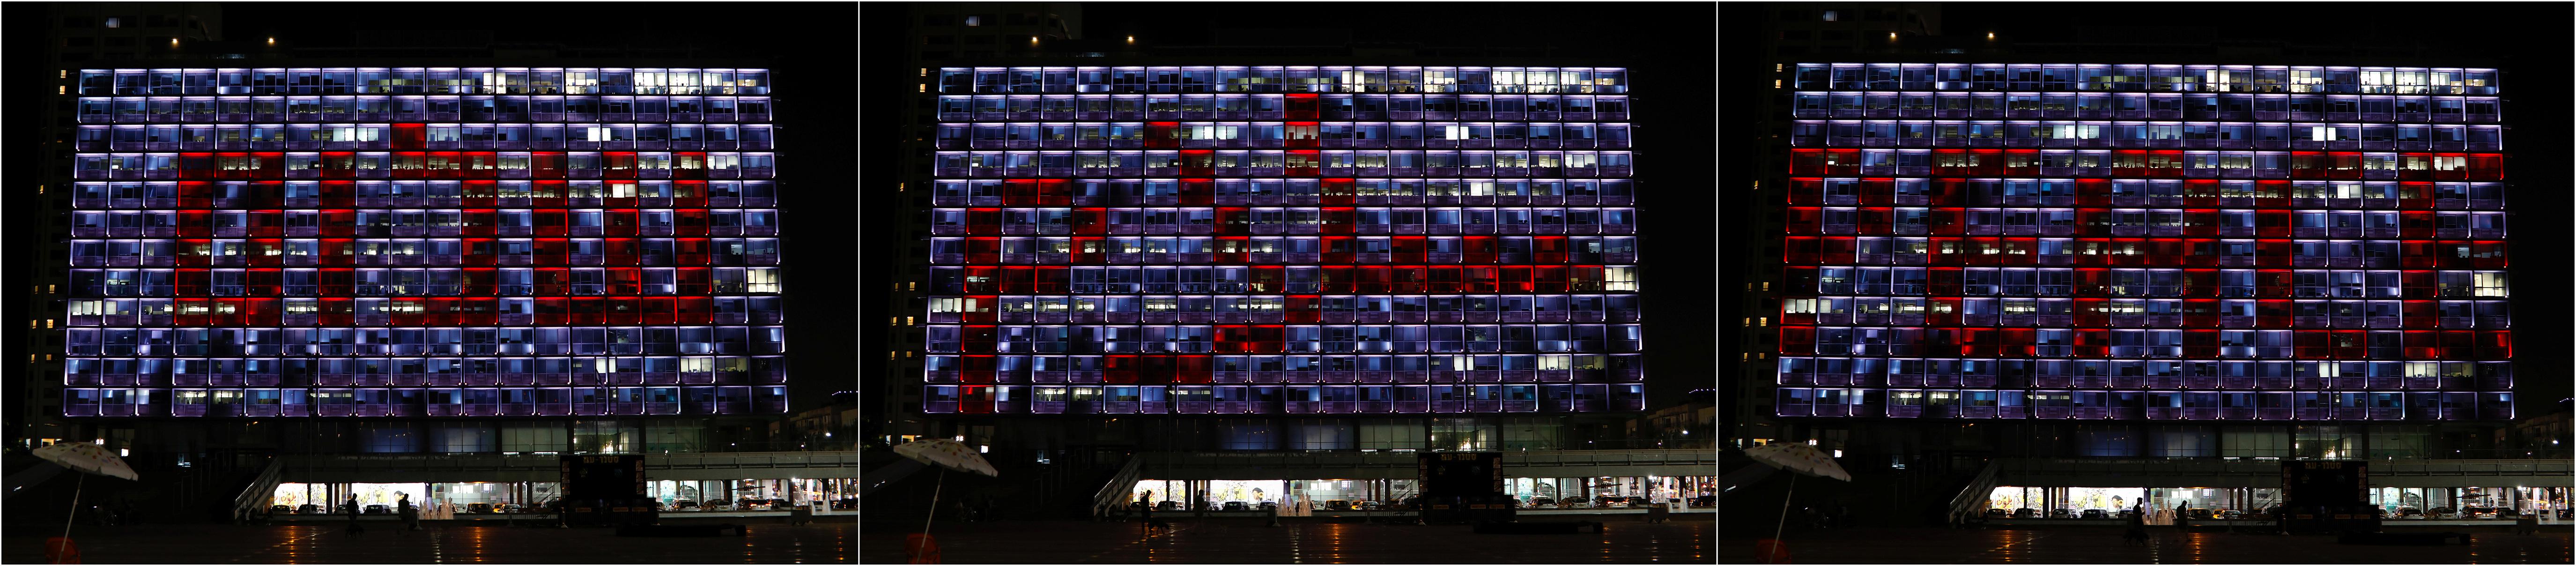 El edificio de la municipalidad de Tel Aviv. Foto: REUTERS/Nir Elias